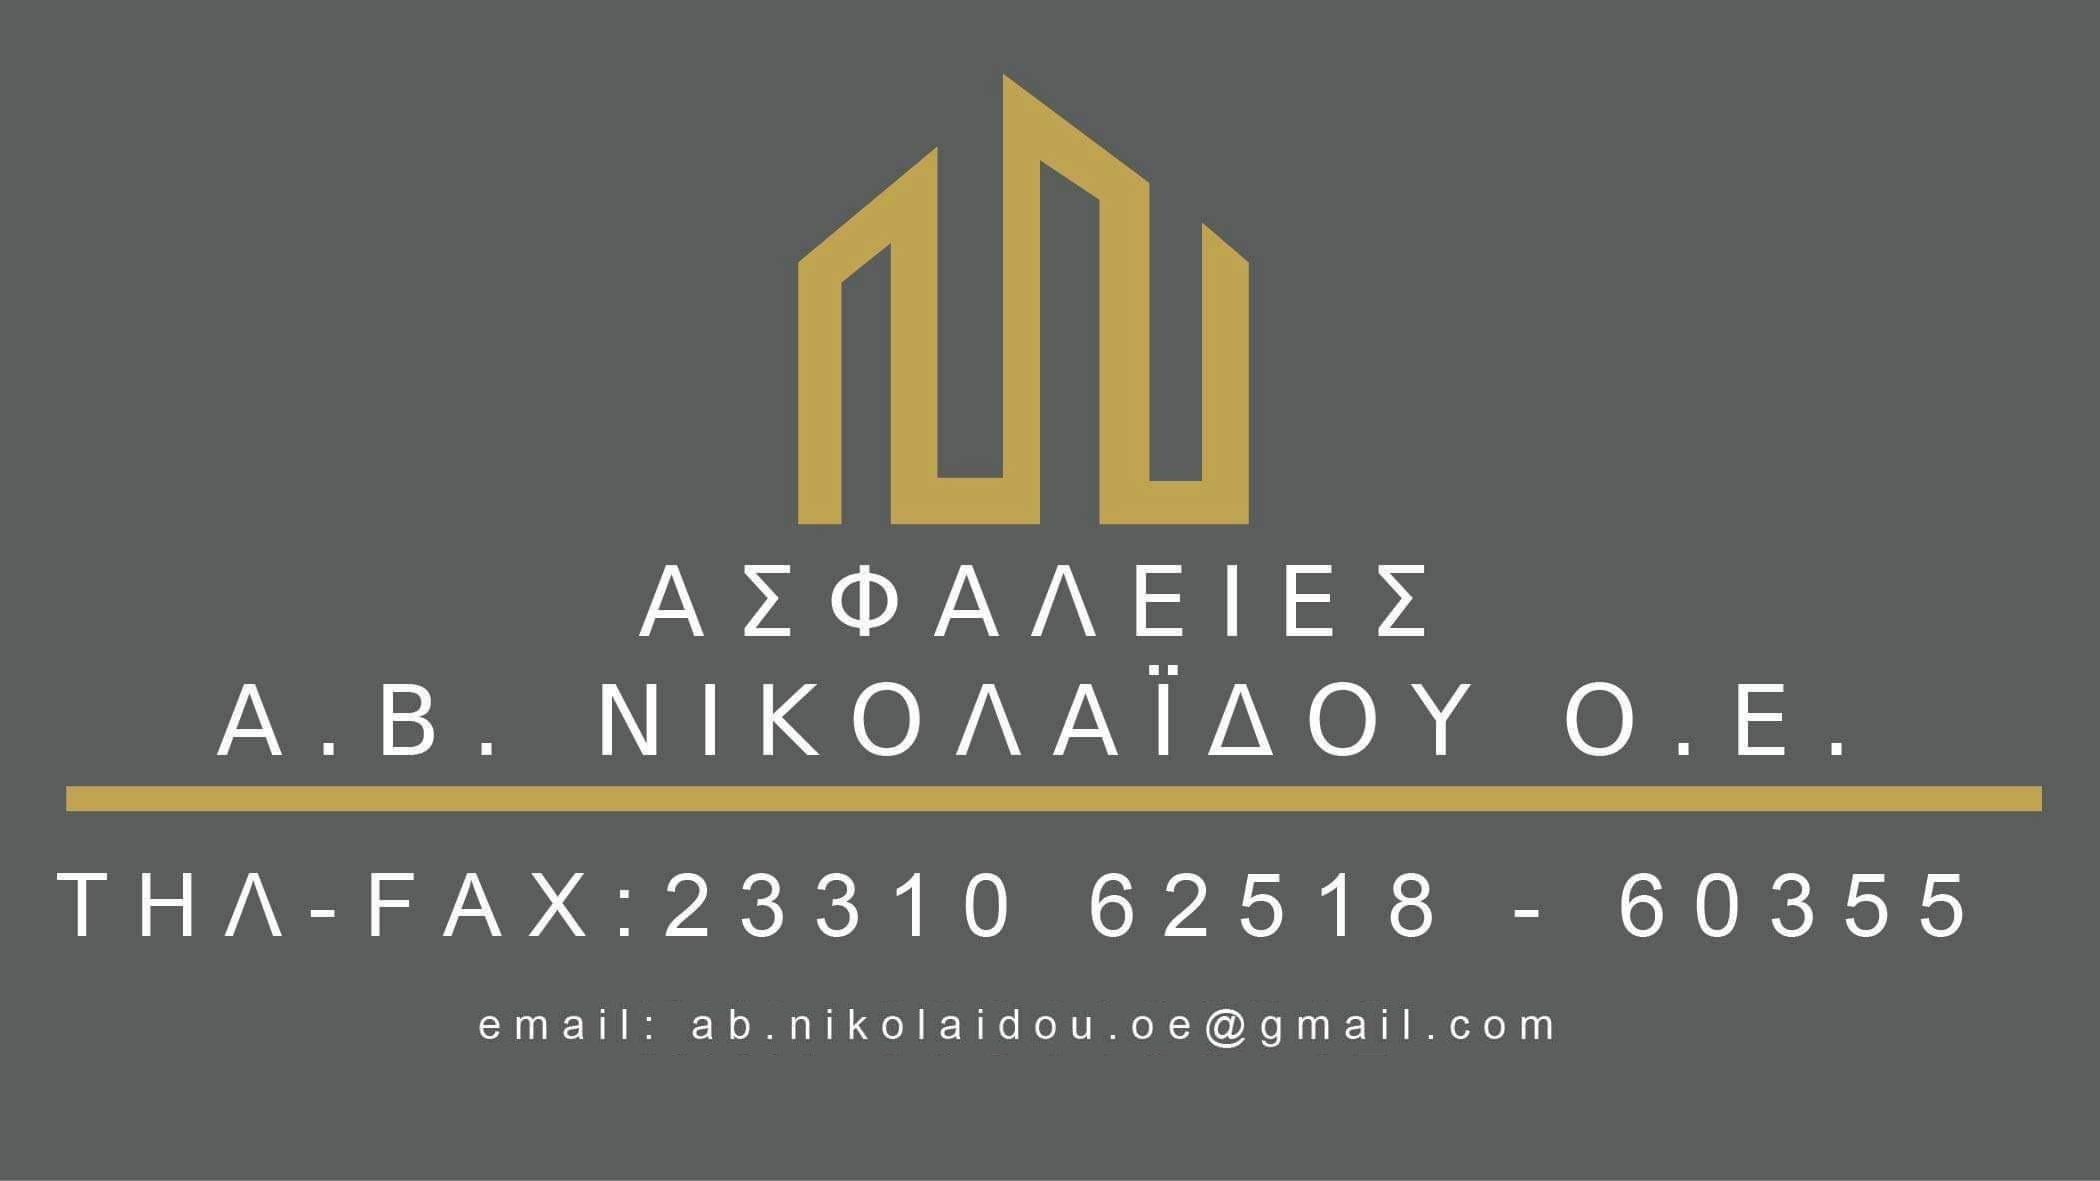 ΑΣΦΑΛΙΣΤΙΚΟ ΠΡΑΚΤΟΡΕΙΟ ΑΒ ΝΙΚΟΛΑΙΔΟΥ ΟΕ